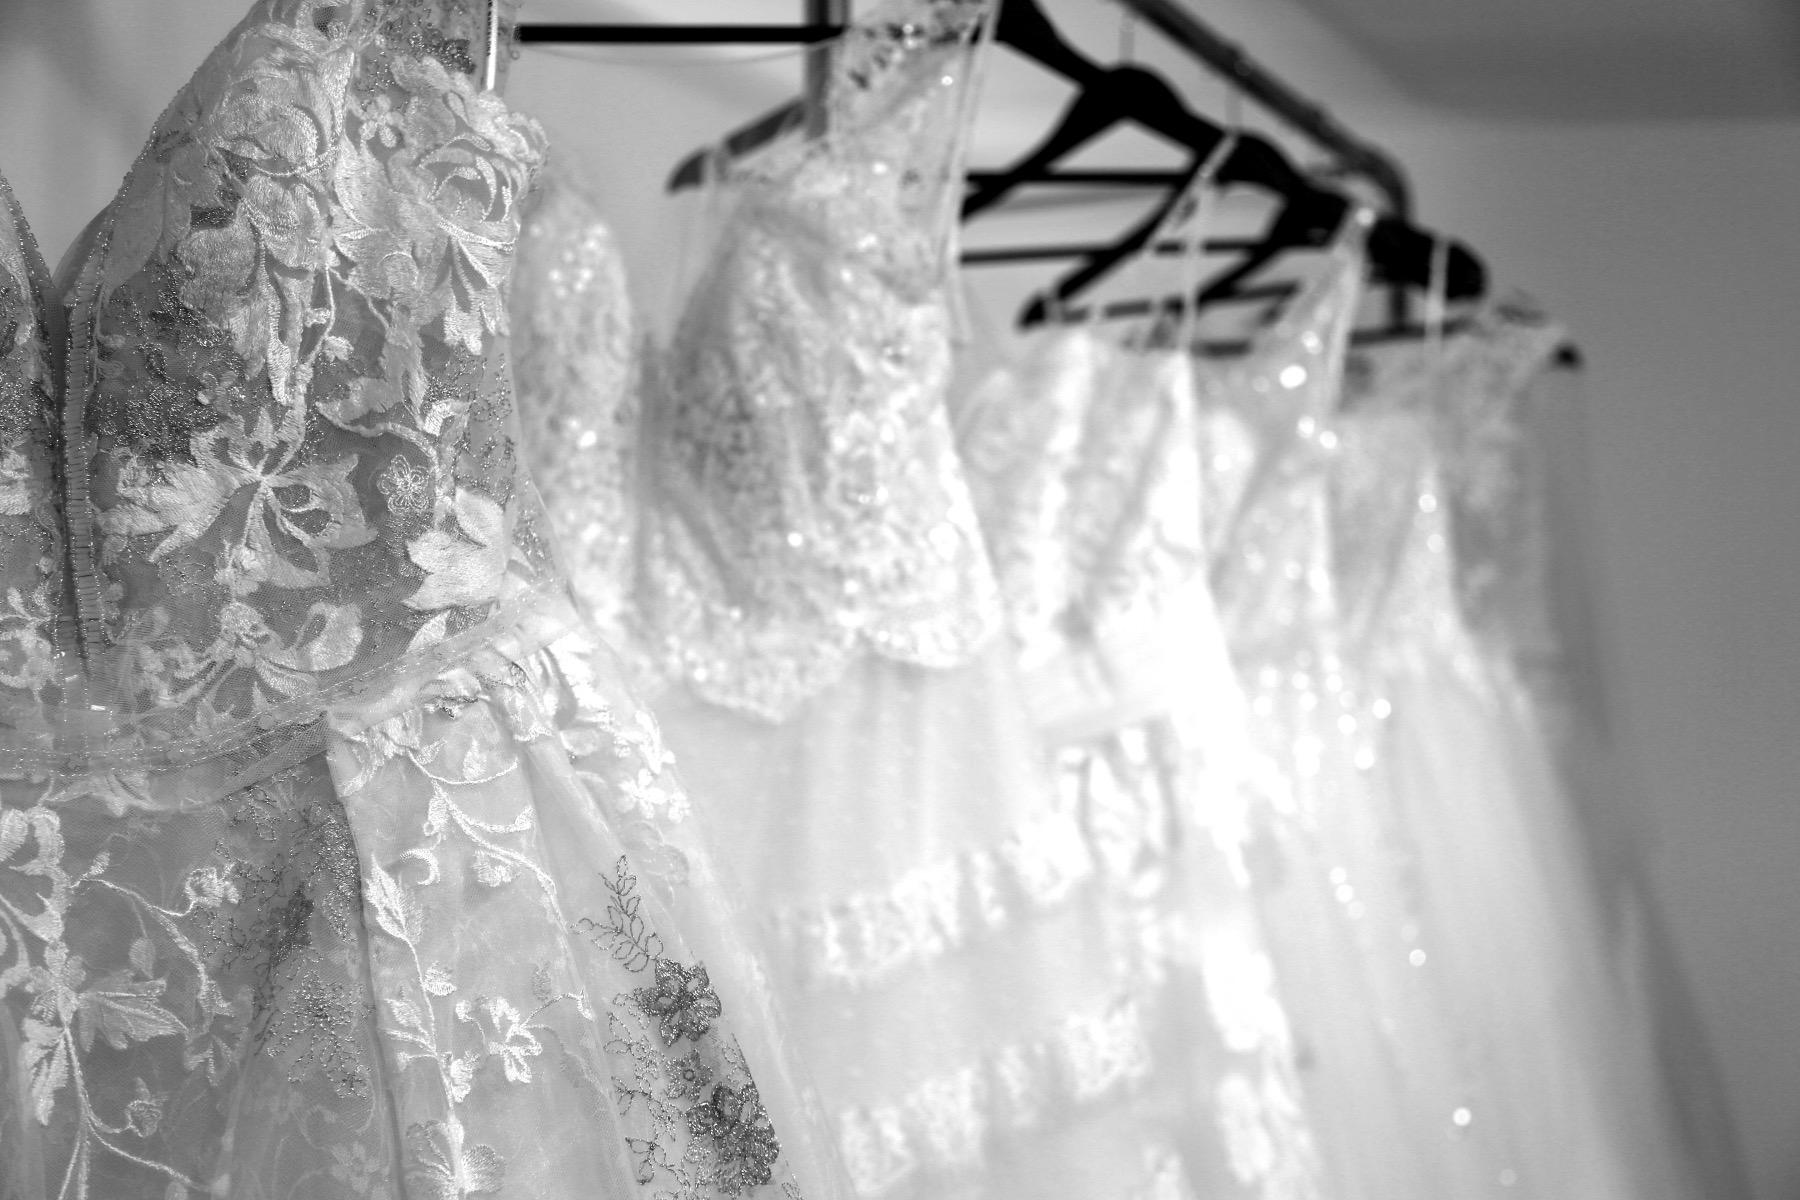 Zusammen finden wir dann das passende Kleid! – ©Marco Licht (Agentur Streetworker) und Marianne Bohn Fotografie